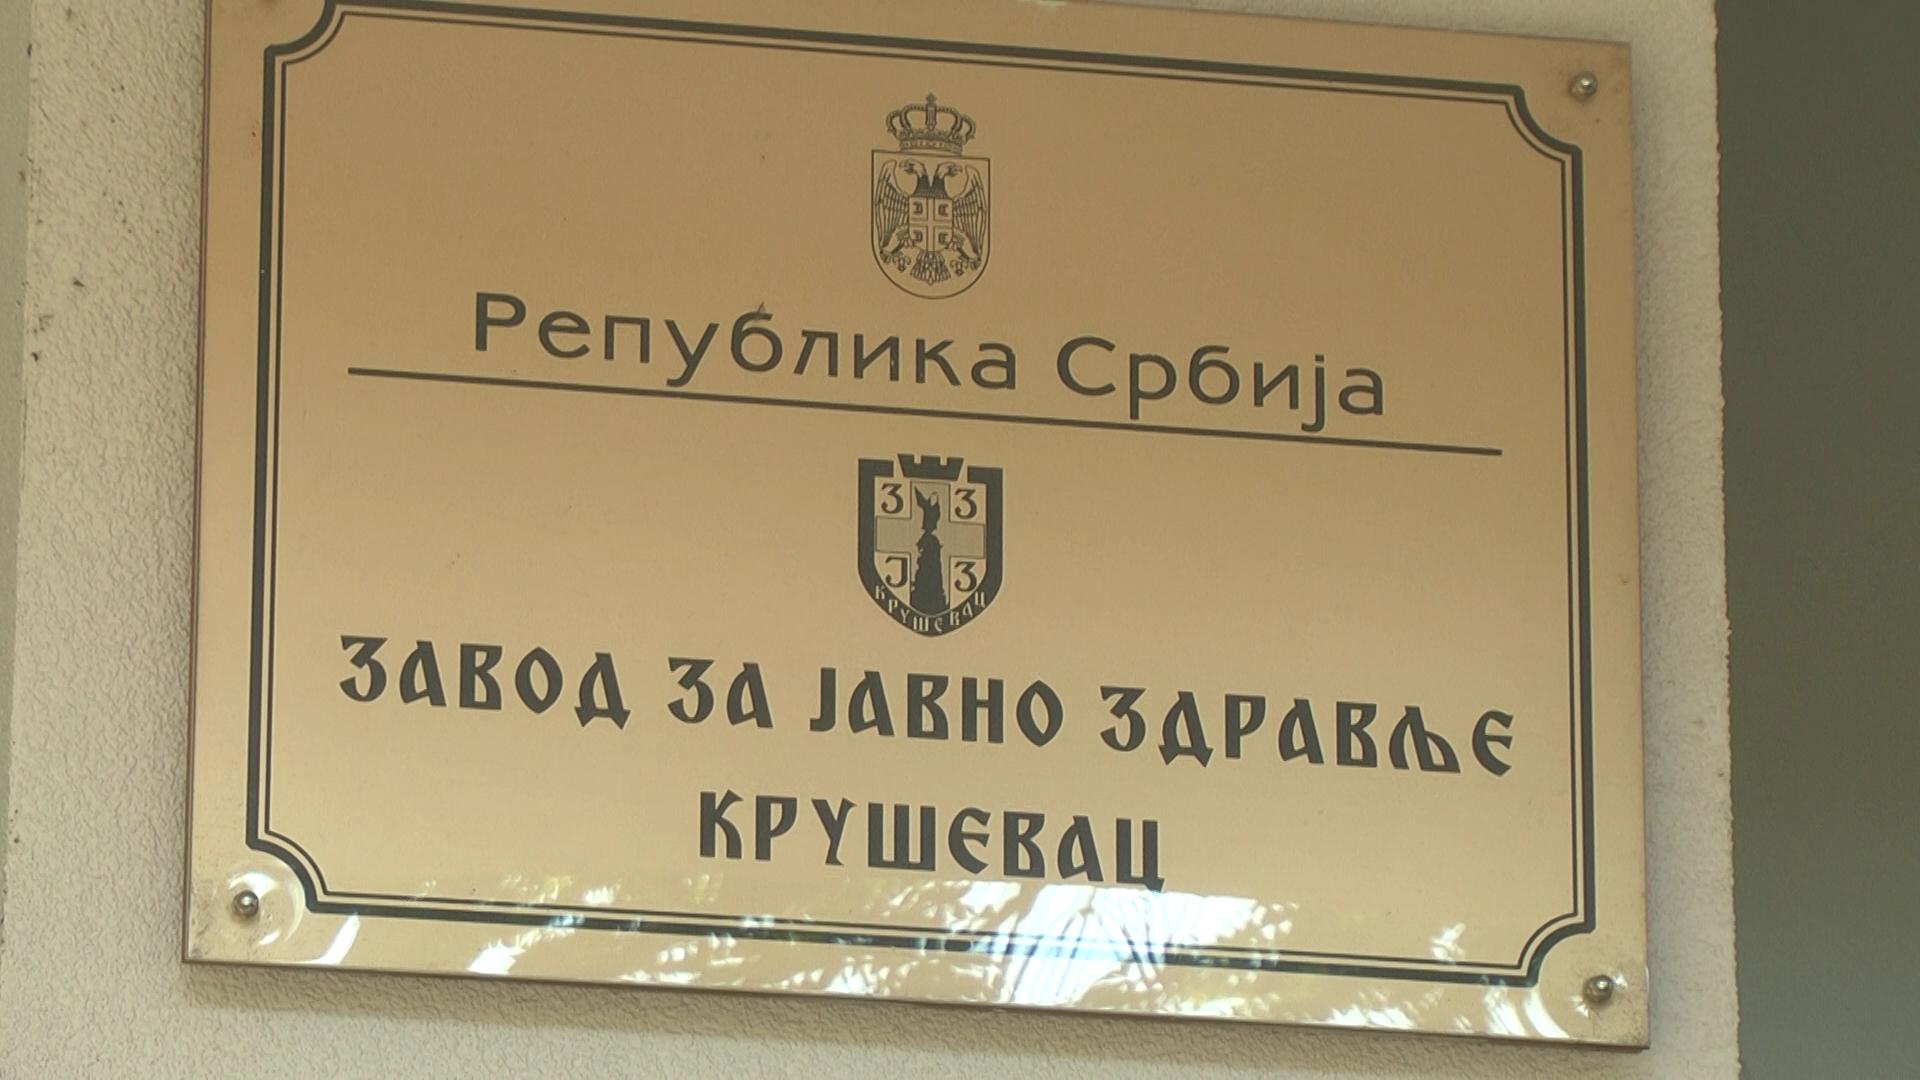 Prema poslednjim podacima u Rasinskom okrugu na koronavirus pozitivno još 19 lica – u Kruševcu